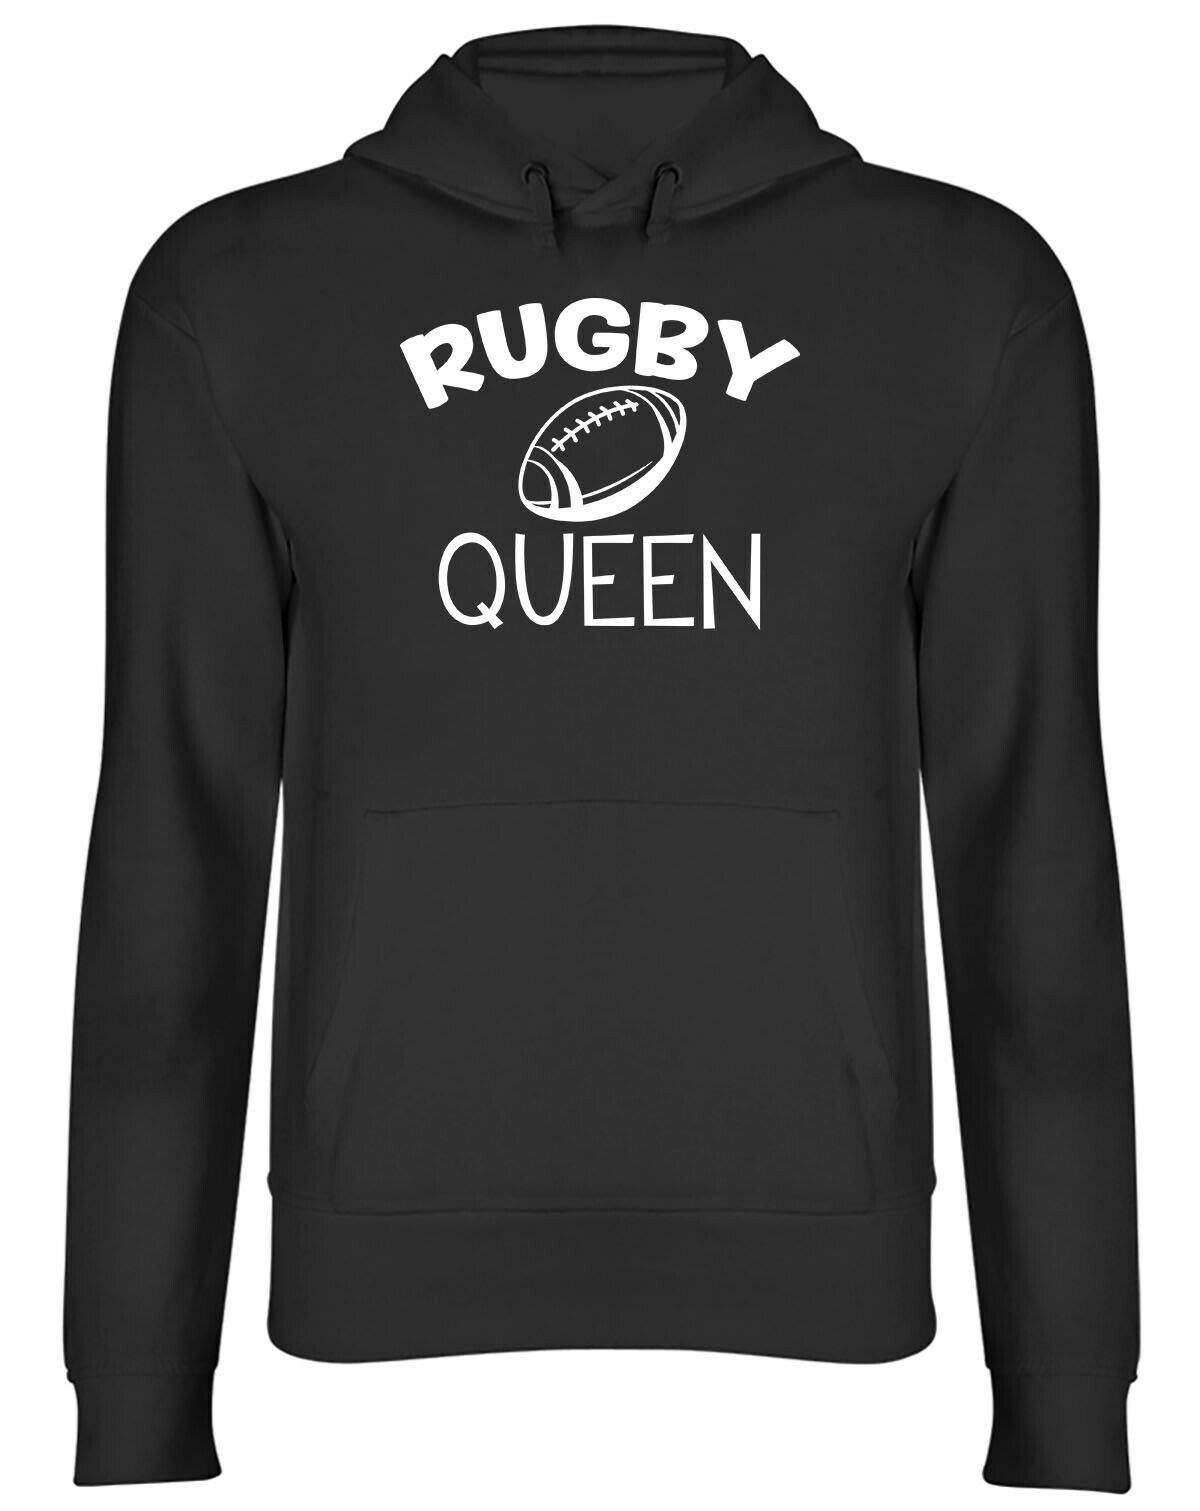 Rugby Queen Mens Womens Hooded Top Hoodie